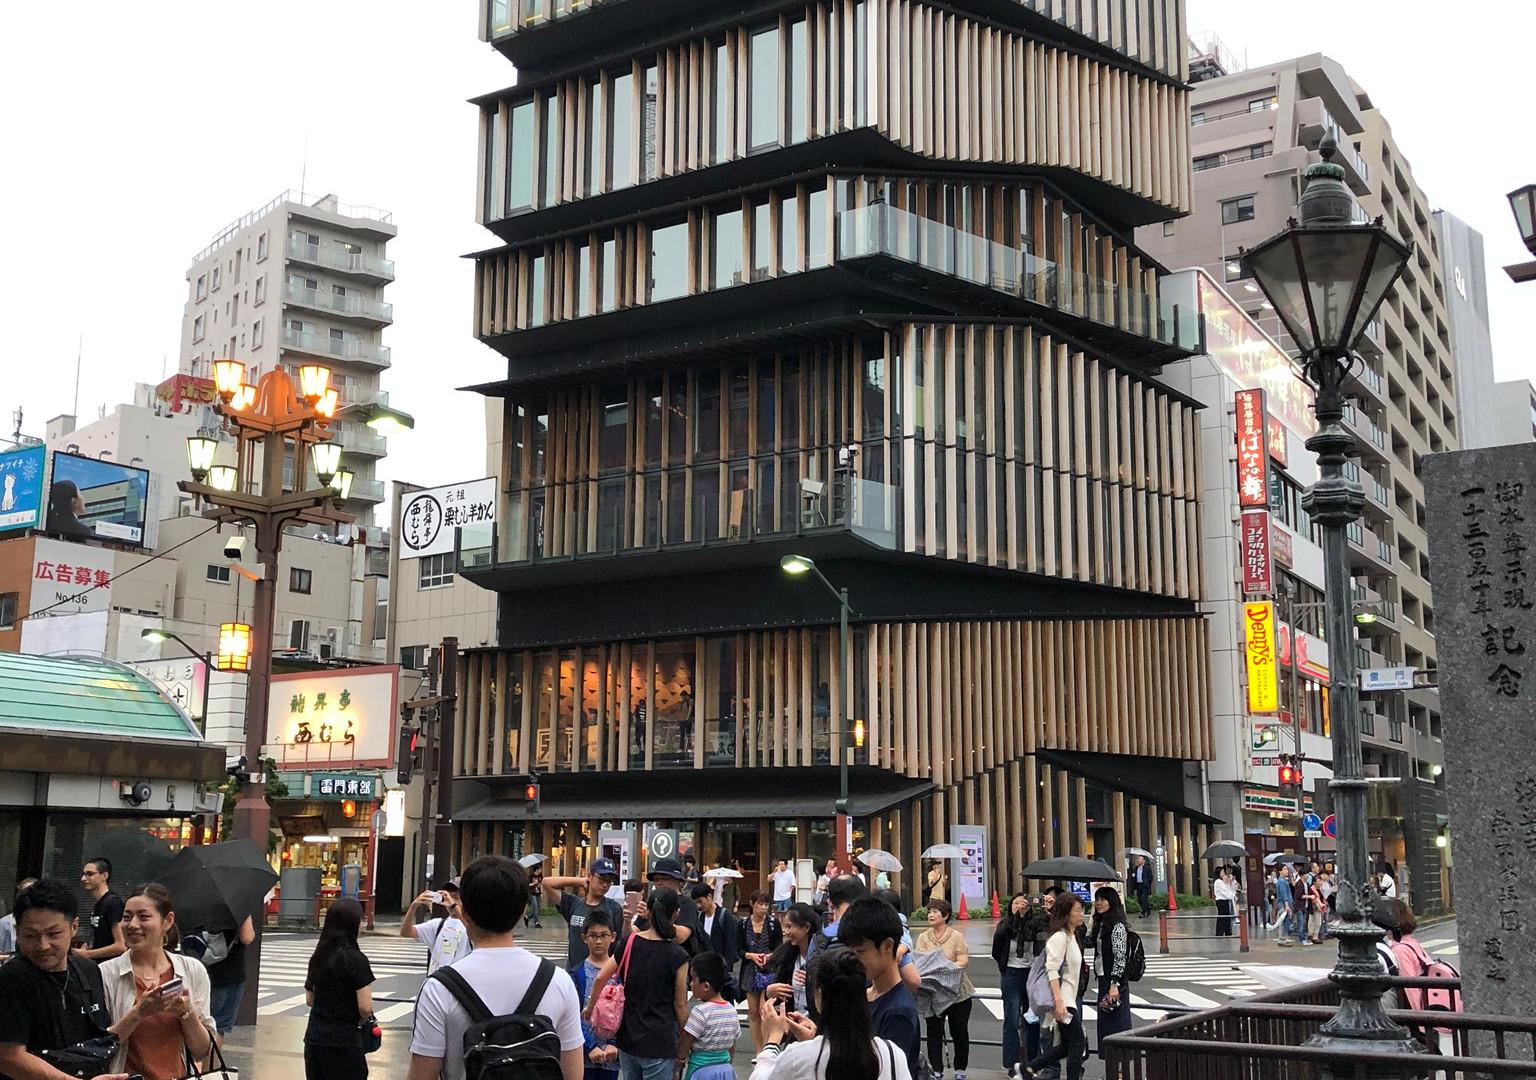 Asakusa Culture and Tourism Center; designed by Kengo Kuma